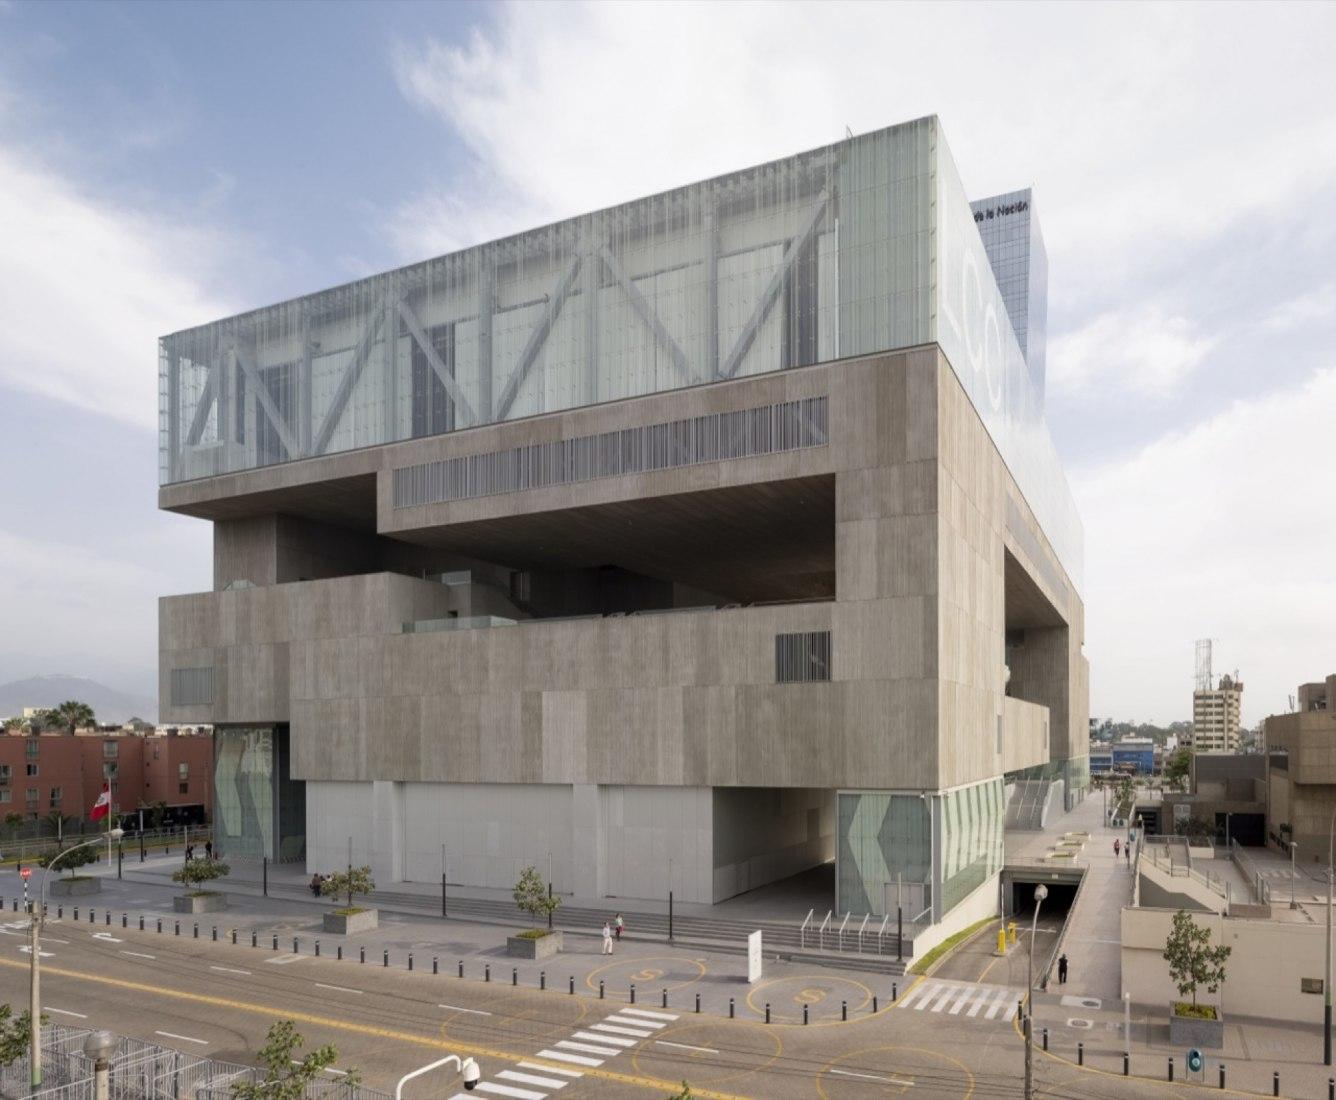 Lima Centro de Convenciones por Idom. Fotografía © Aitor Ortiz